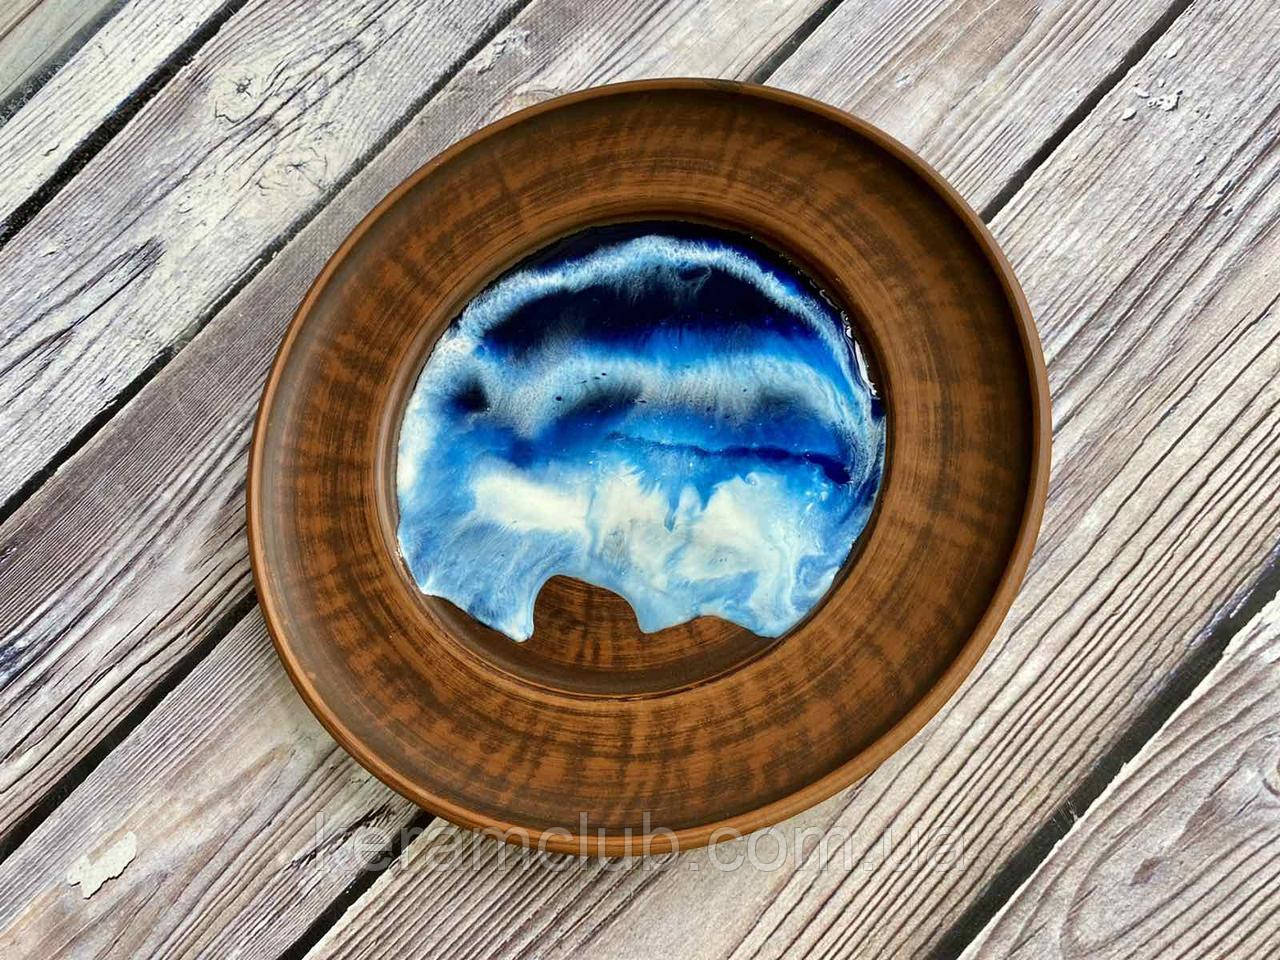 Тарілка з червоної глини ЭпоЭко Хвиля з епоксидним покриттям d 24 см